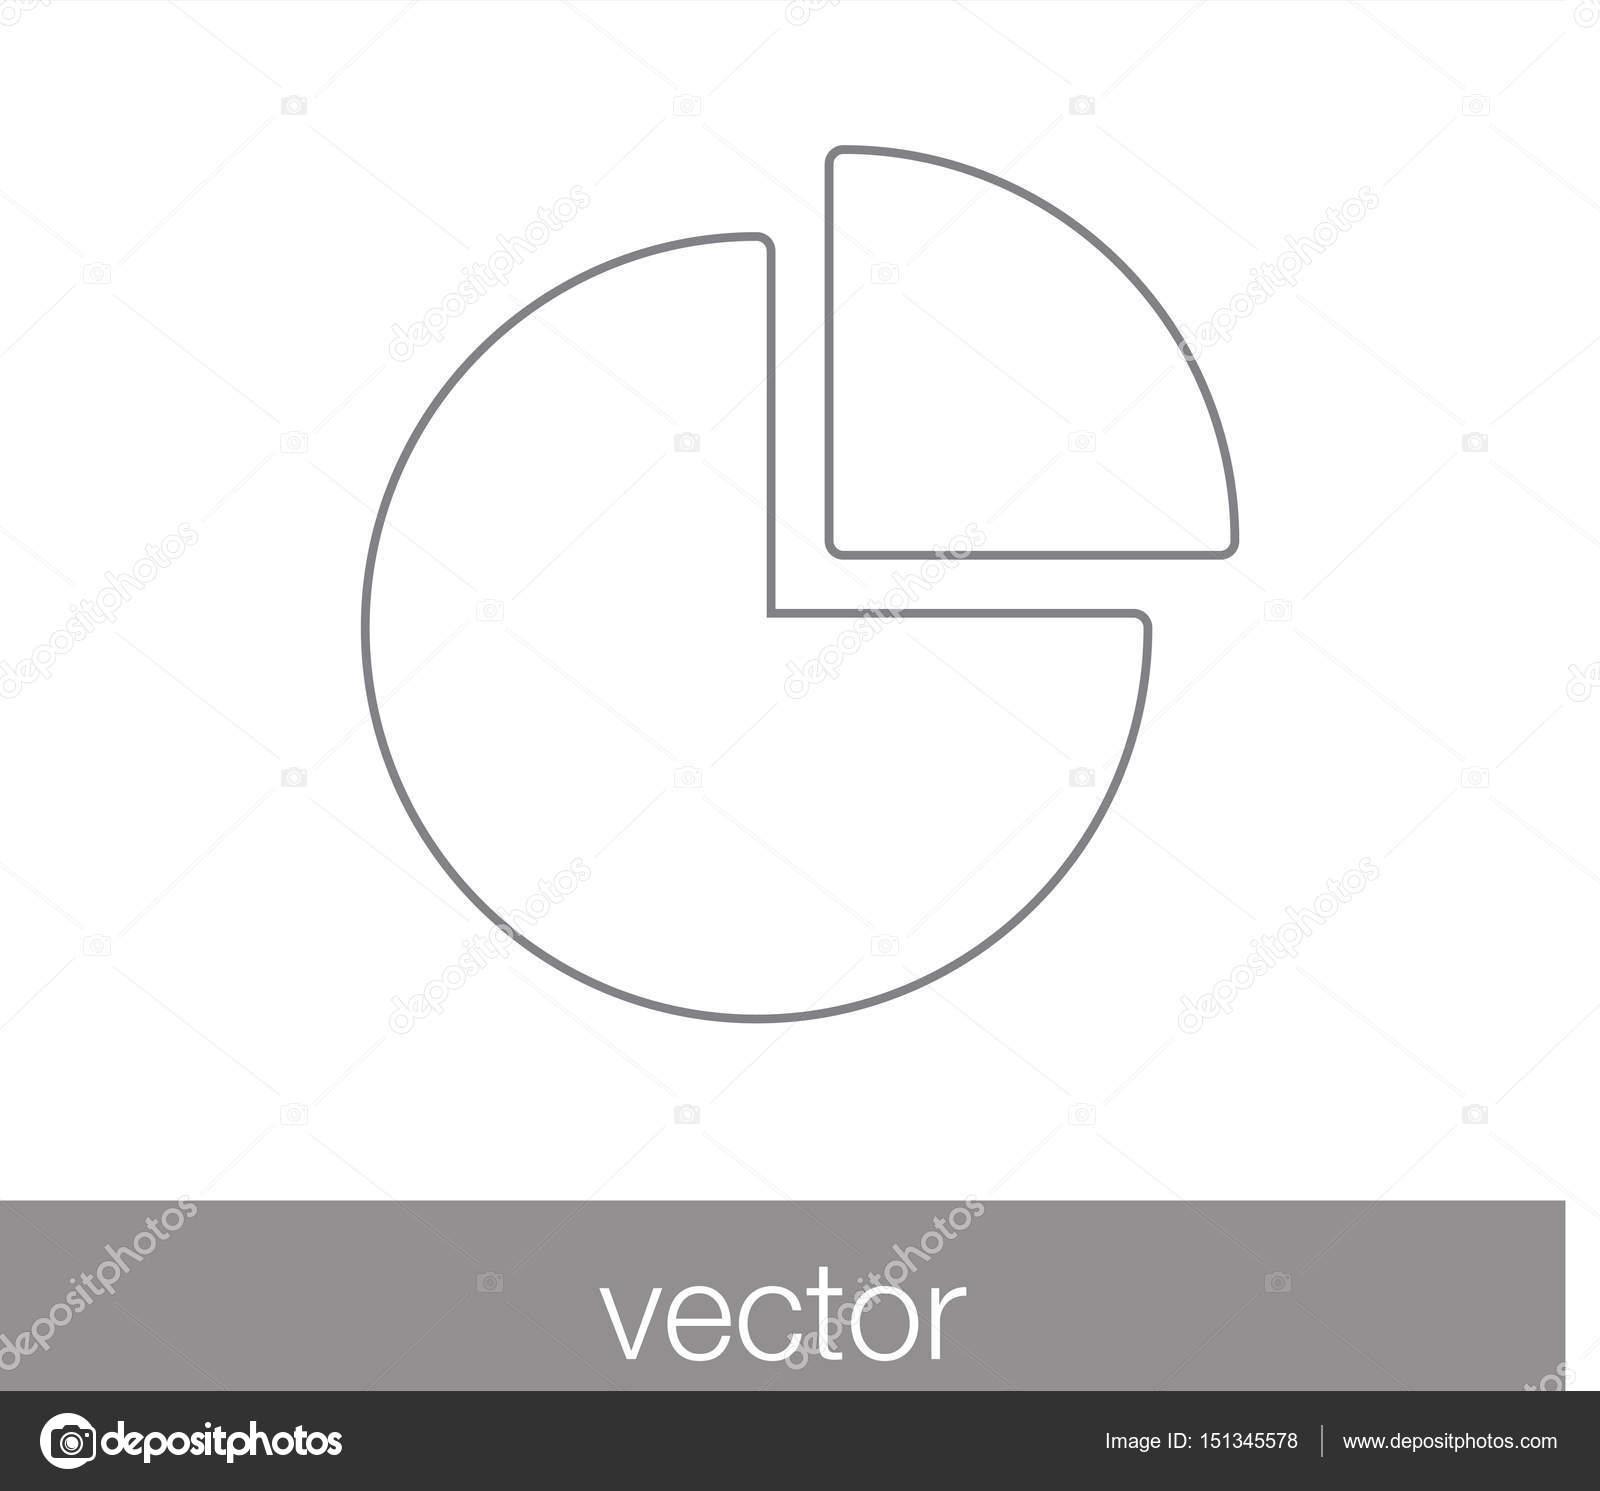 Pie chart icon stock vector signsandsymbolsemail 151345578 vector illustration of pie chart icon vector by signsandsymbolsemail geenschuldenfo Images